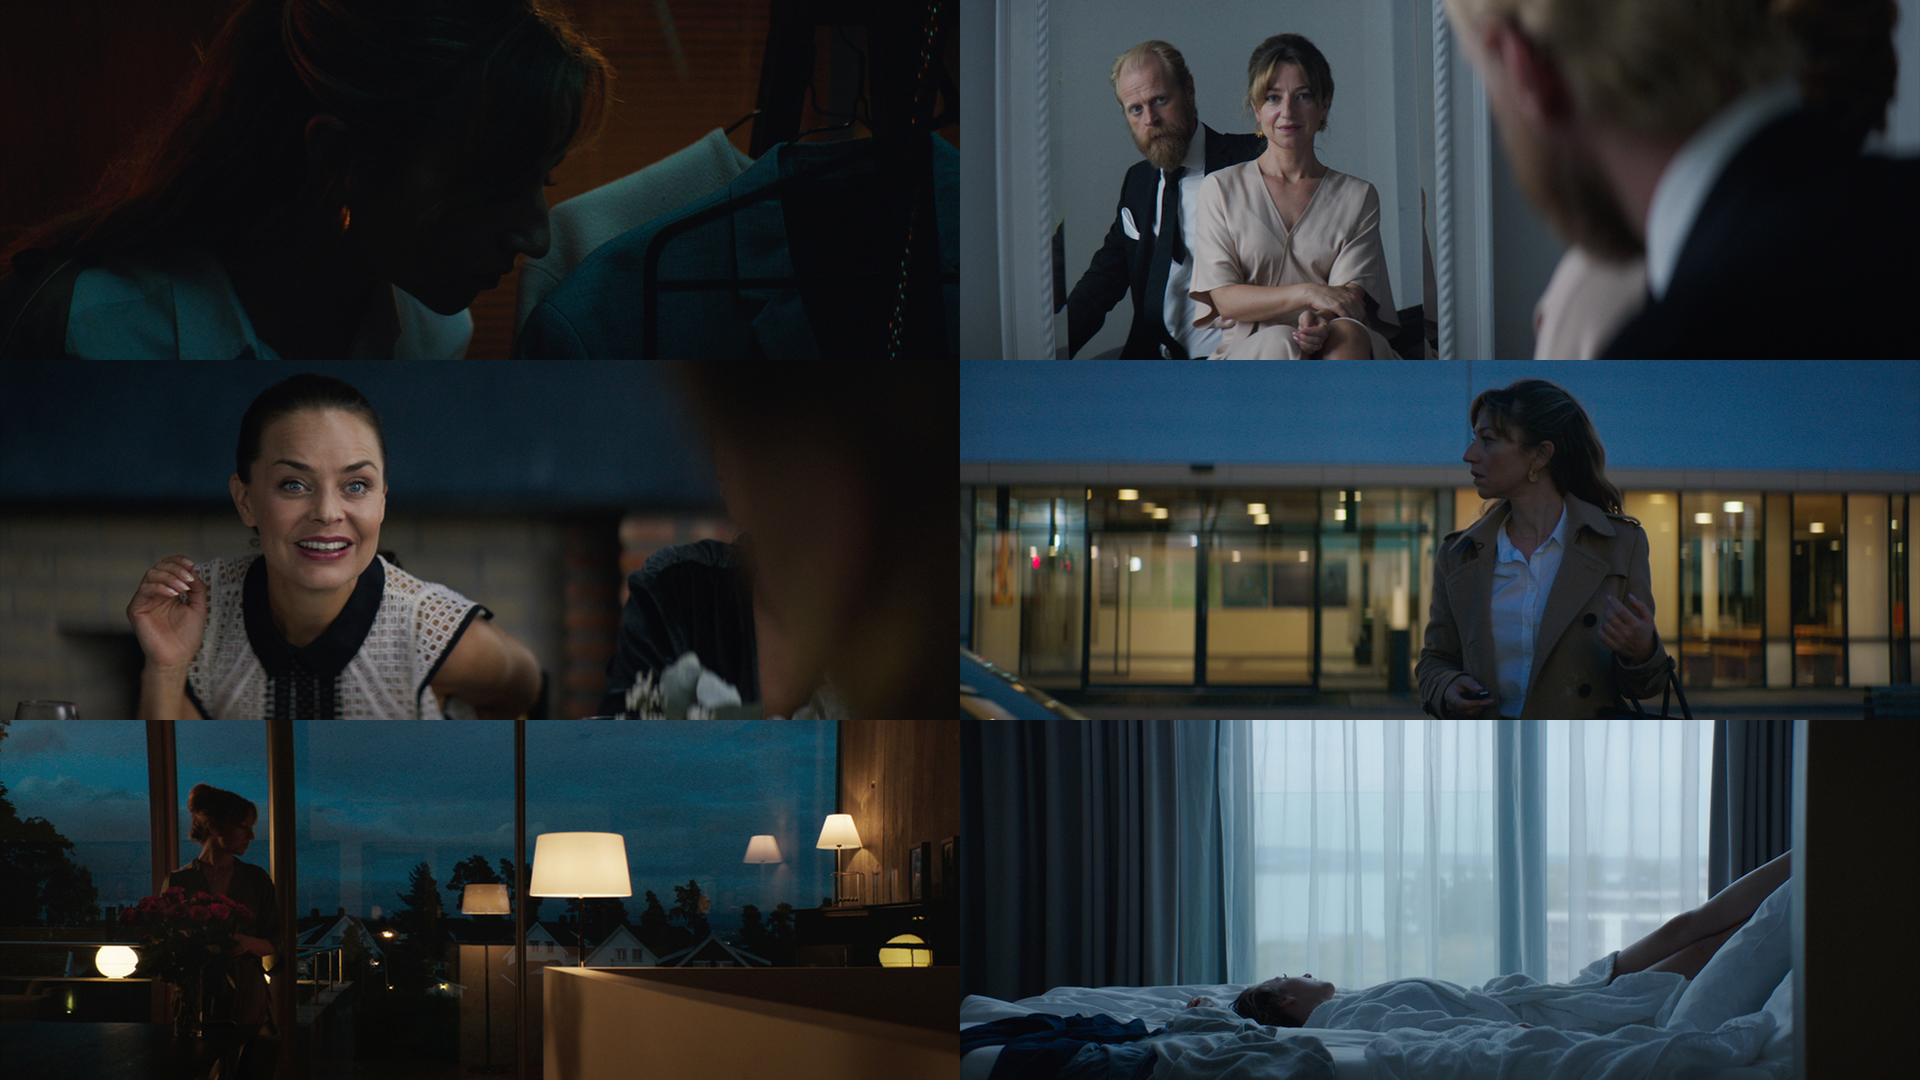 EN AFFÆRE (feature 2018)